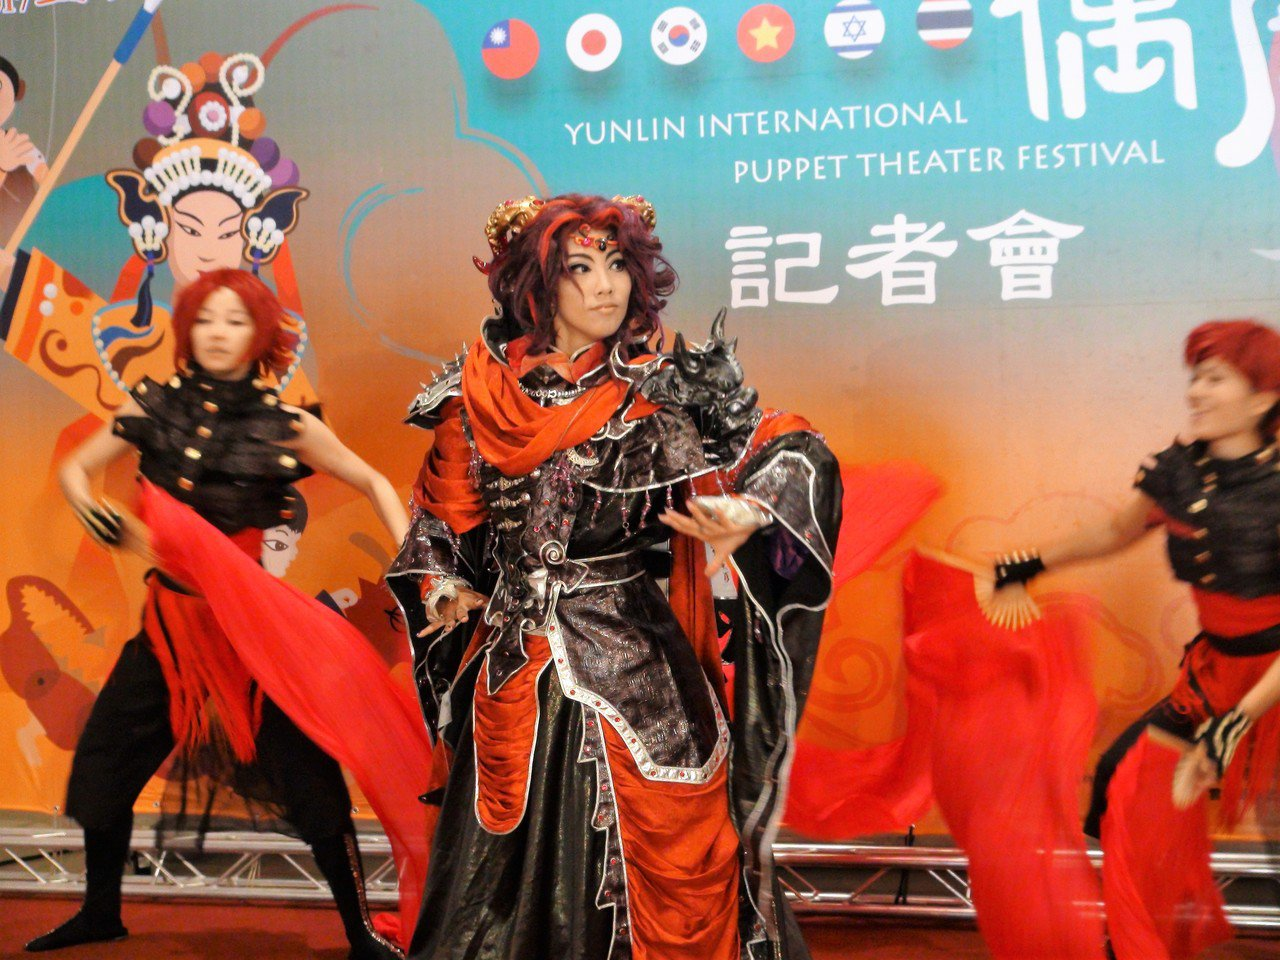 2017雲林國際偶戲節將在雲林虎尾農博生態園區登場,有國內掌中大師布袋戲演出,另...